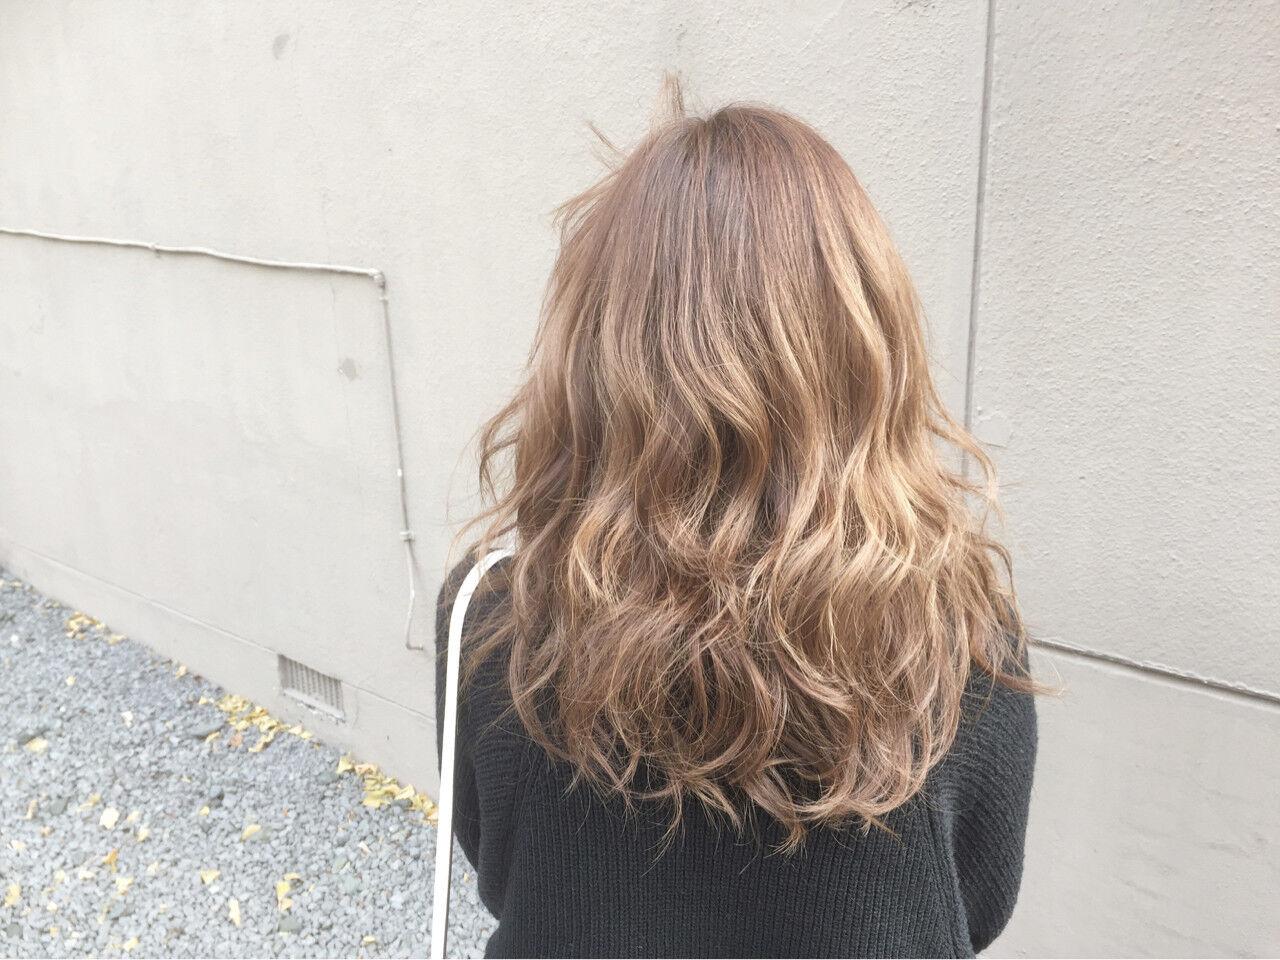 セミロング 外国人風カラー ガーリー 金髪ヘアスタイルや髪型の写真・画像